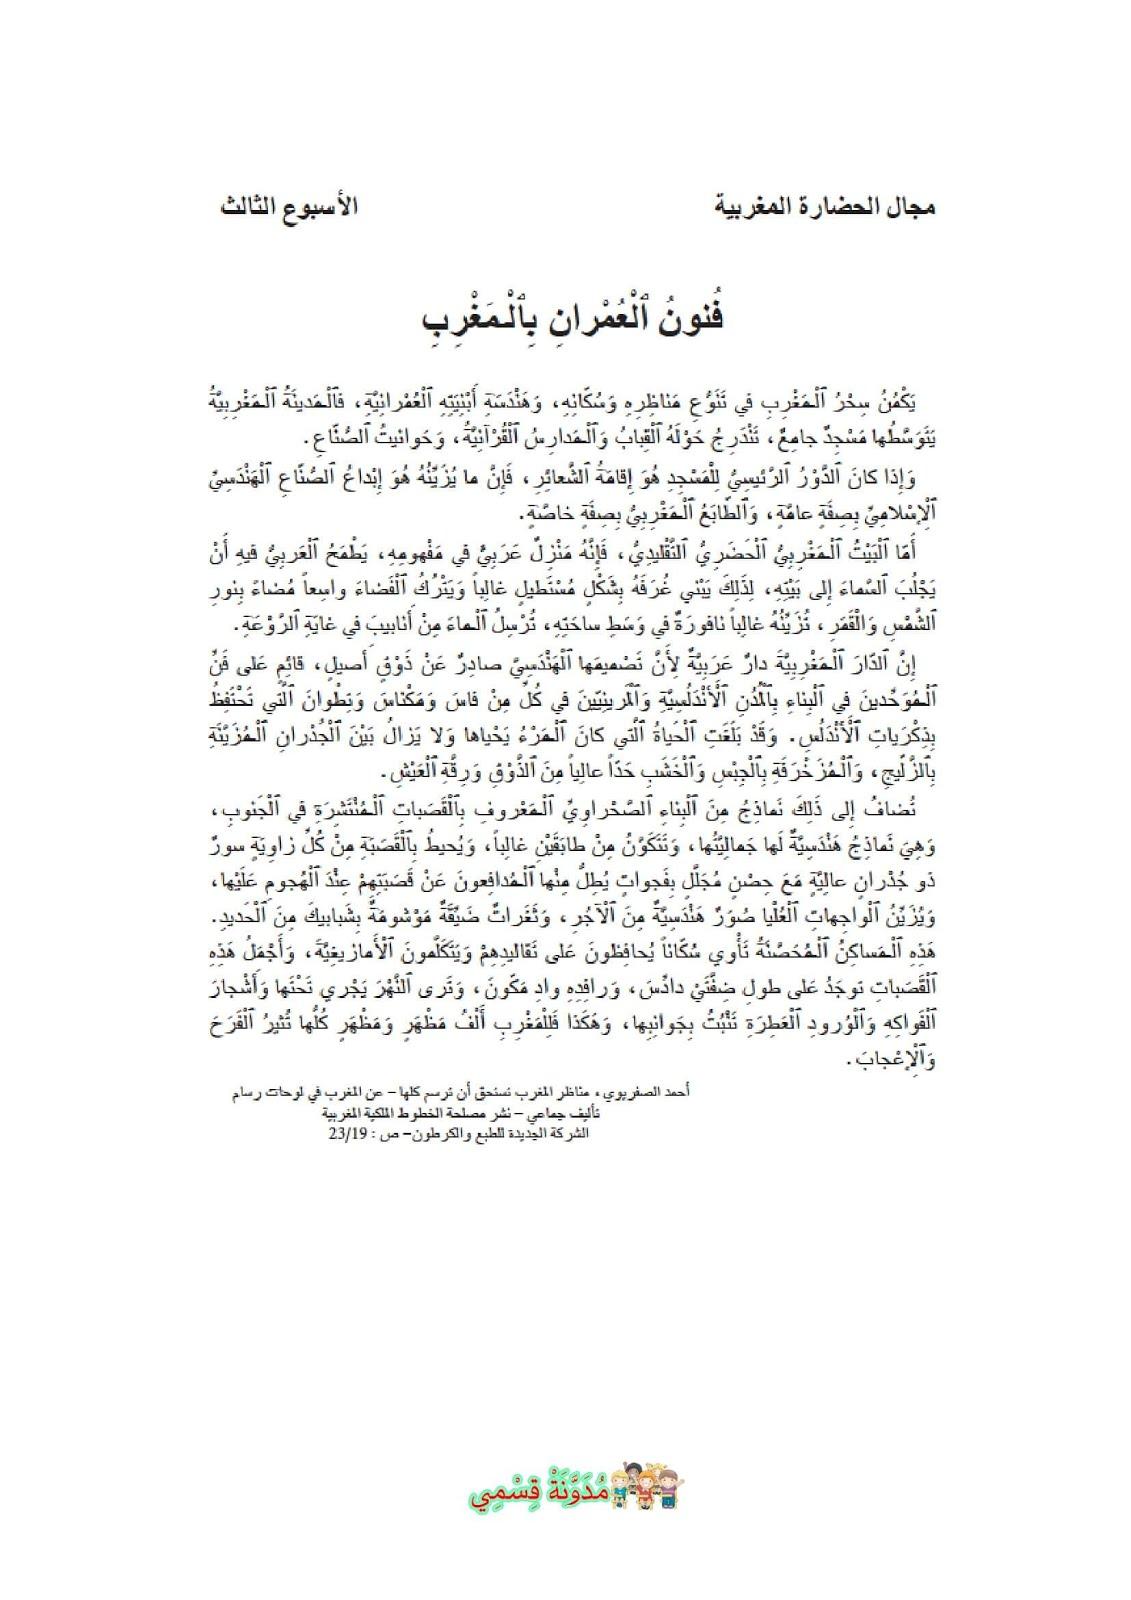 فنون العمران بالمغرب